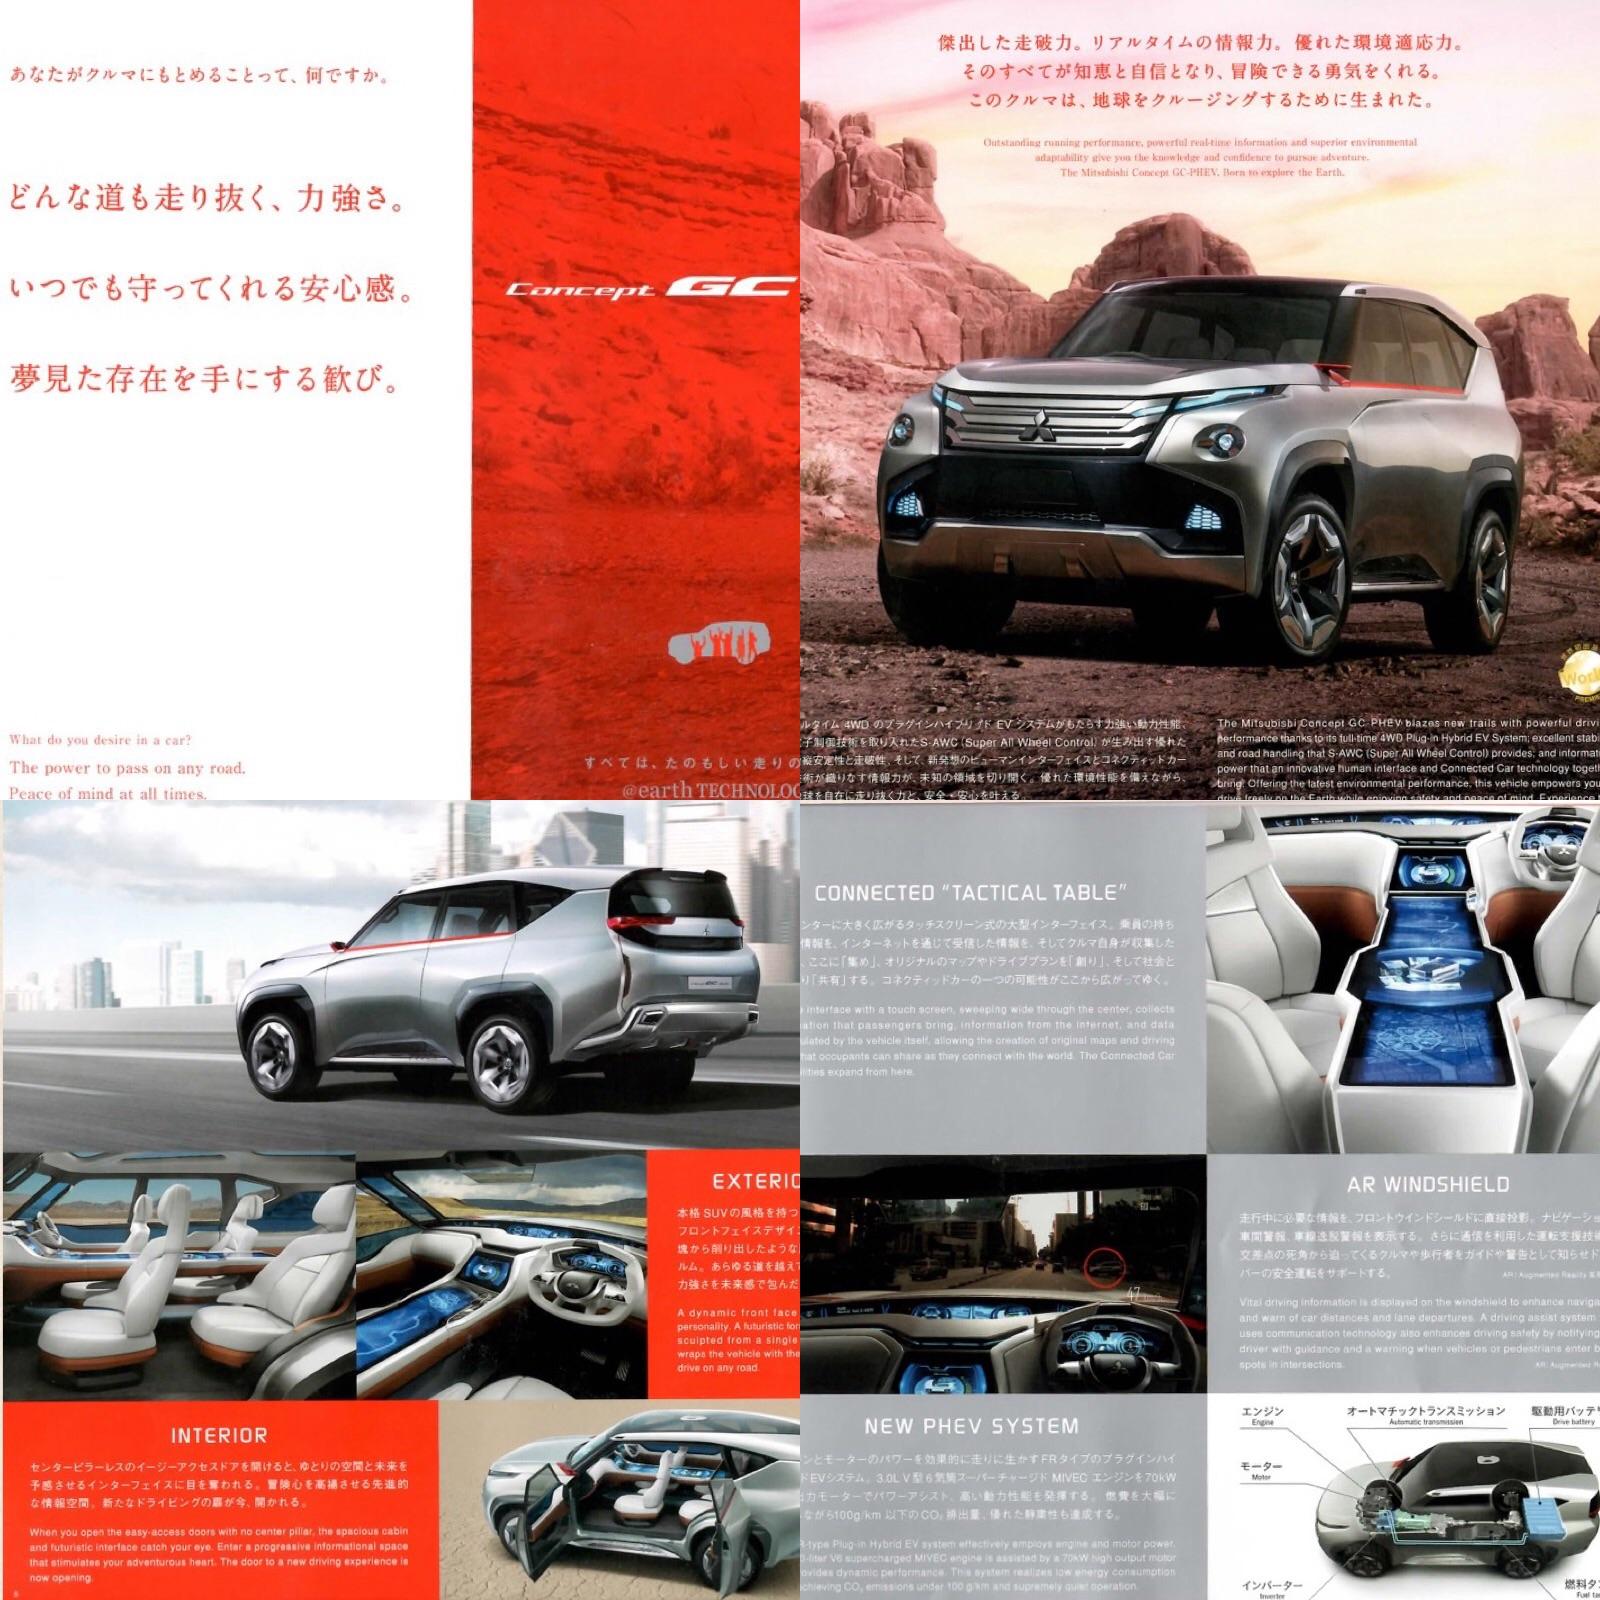 東京モーターショー2013 三菱自動車 2015は?